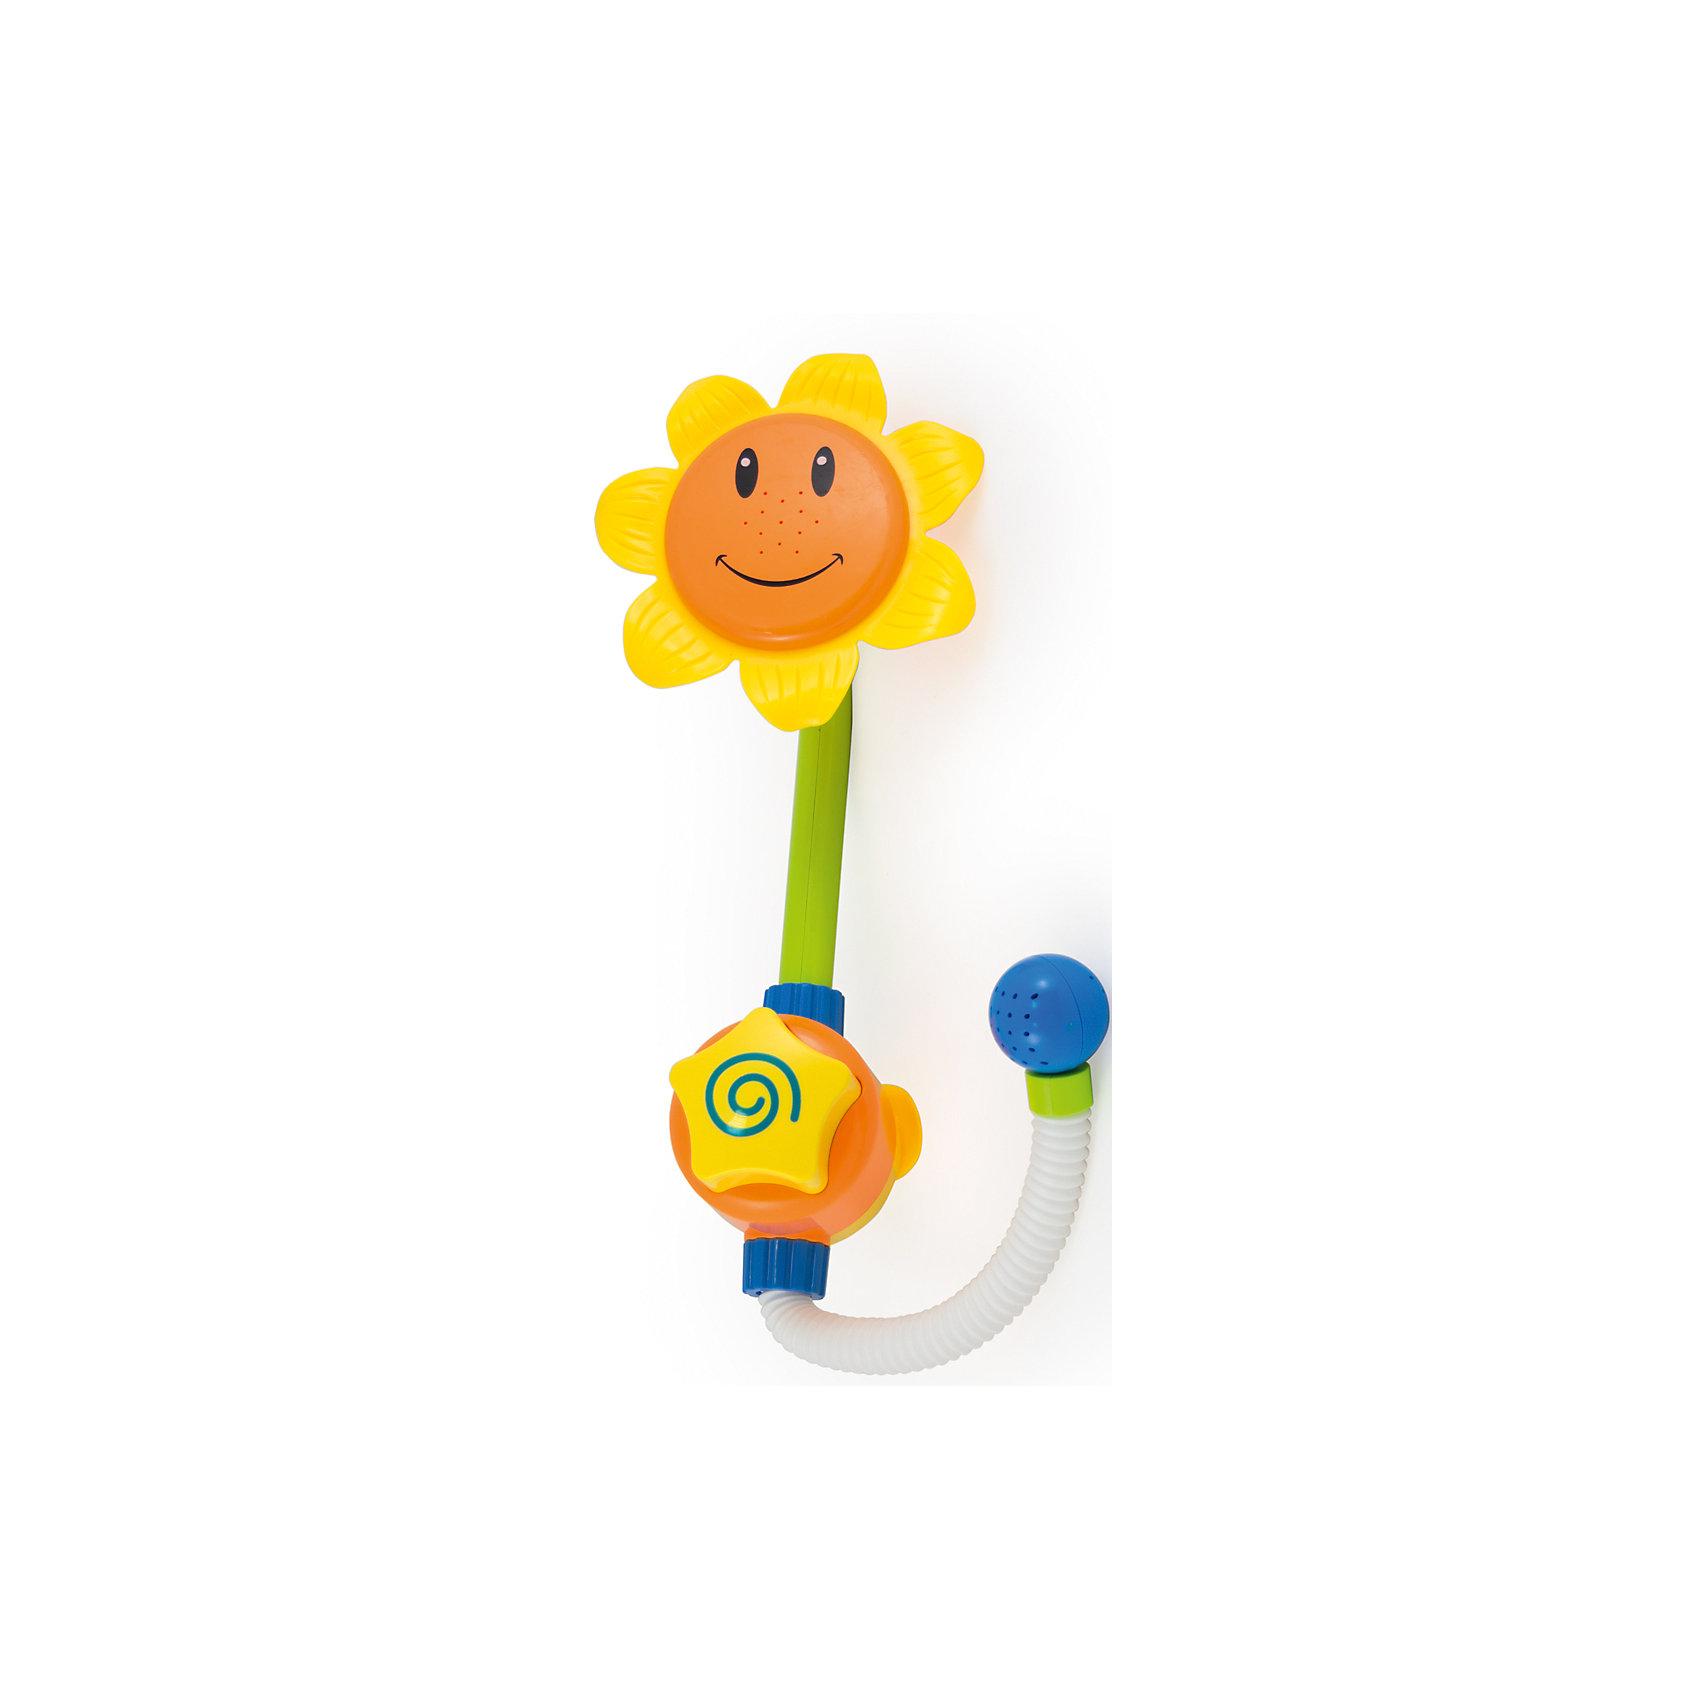 Игрушка для ванны Подсолнух, PicnMixЛейки и поливалки<br>Игрушка для ванны Подсолнух от PicnMix, несомненно, понравится и ребенку, и взрослым. Прикрепите цветок на ванну с помощью присосок и нажмите на кнопку звездочку - маленький душ готов! Подсолнух не только превратит купание в веселую игру, но и поможет развить мелкую моторику и понимание причинно-следственных связей. С ярким подсолнухом водные процедуры станут еще интереснее!<br><br>Дополнительная информация:<br>Батарейки не требуются<br>Материал: пластик<br>Размеры: 41х26 см<br><br>Игрушку для ванны Подсолнух от PicnMix  вы можете приобрести в нашем интернет-магазине.<br><br>Ширина мм: 210<br>Глубина мм: 130<br>Высота мм: 415<br>Вес г: 590<br>Возраст от месяцев: 18<br>Возраст до месяцев: 60<br>Пол: Унисекс<br>Возраст: Детский<br>SKU: 5008805